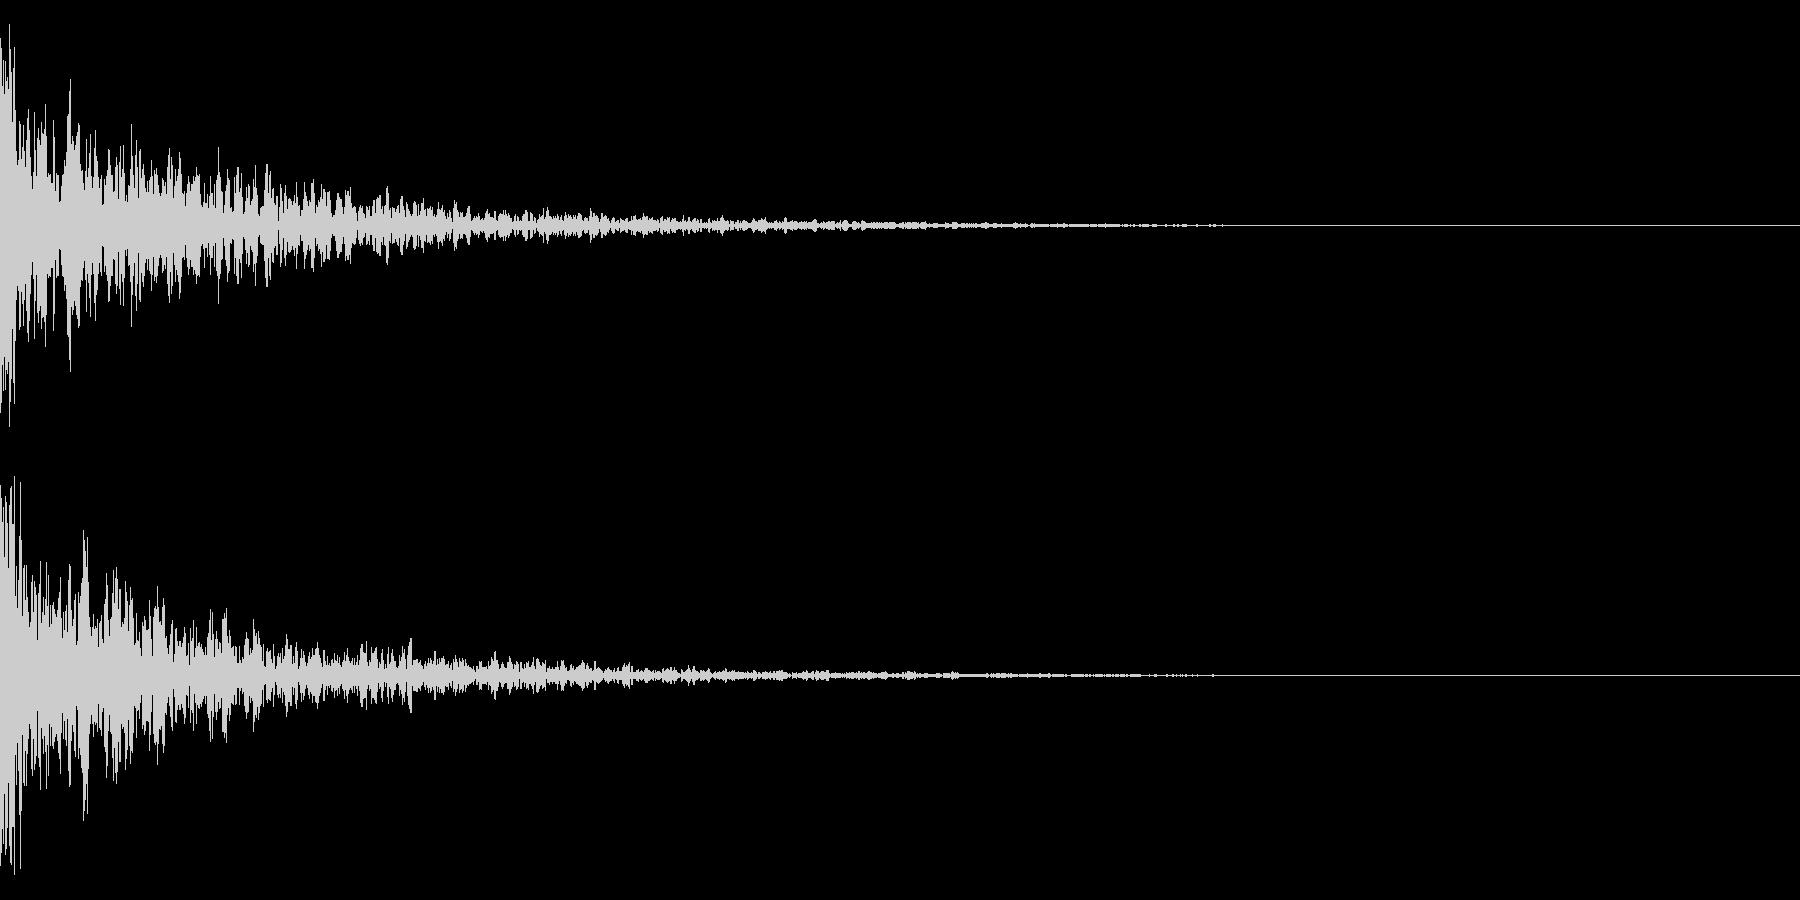 ドーン-09-1(インパクト音)の未再生の波形